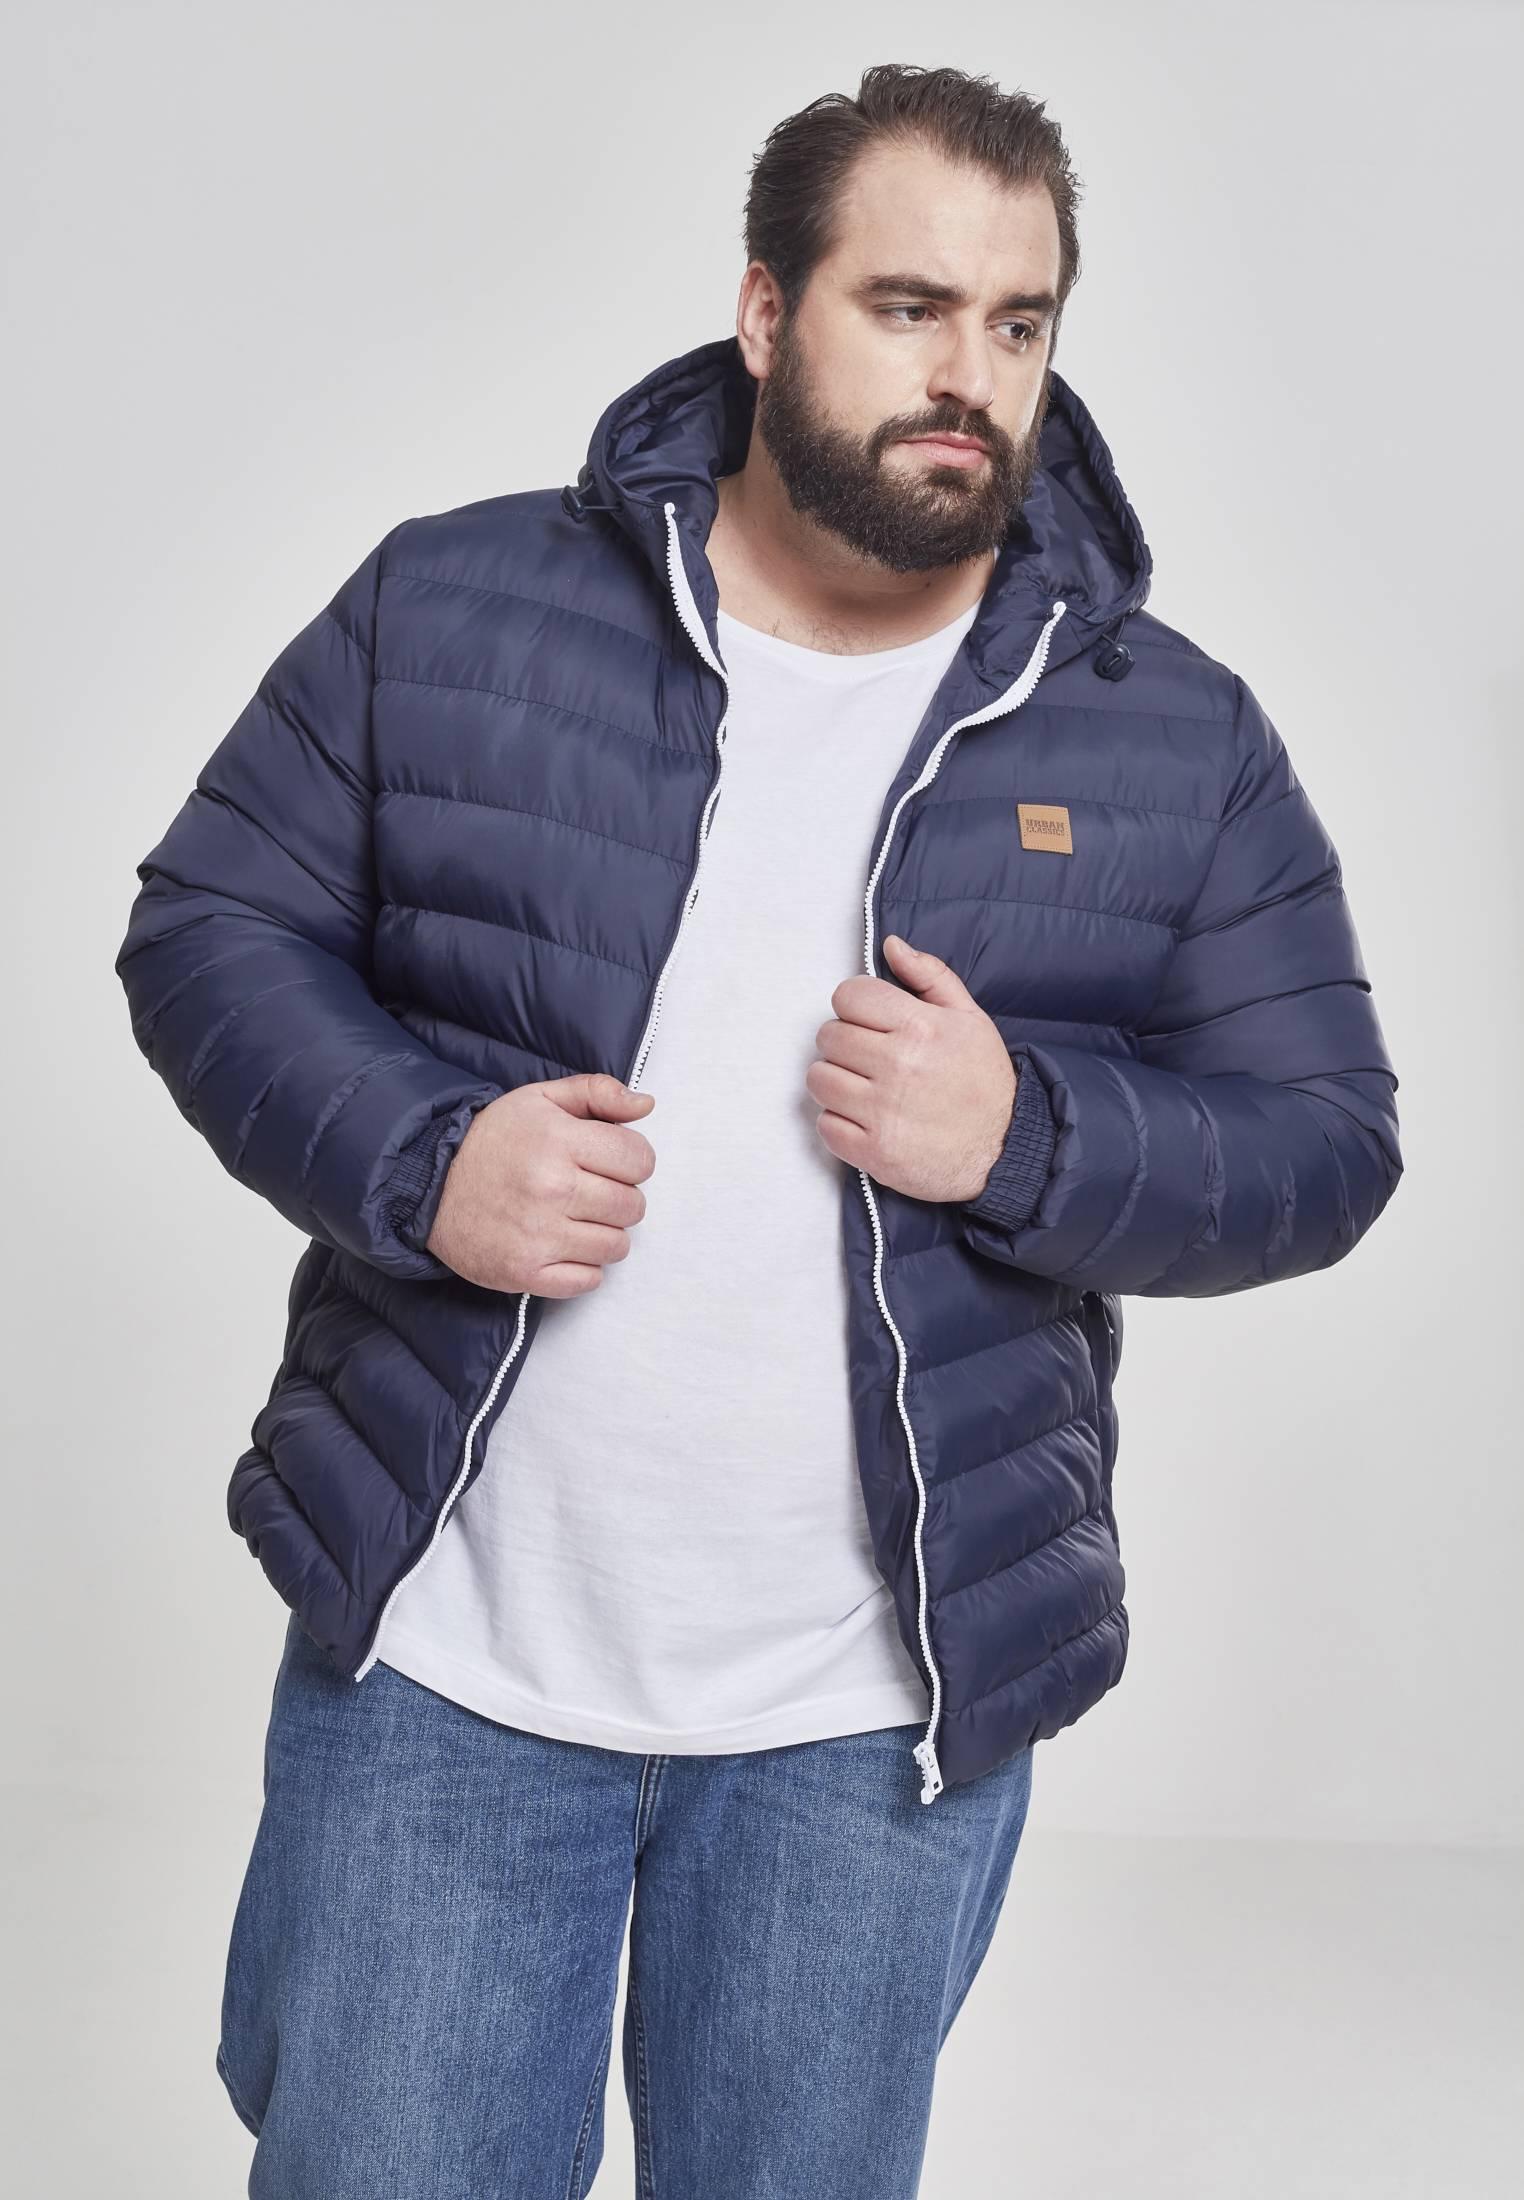 Urban Classics Basic Bubble Jacket nvy/wht/nvy - S